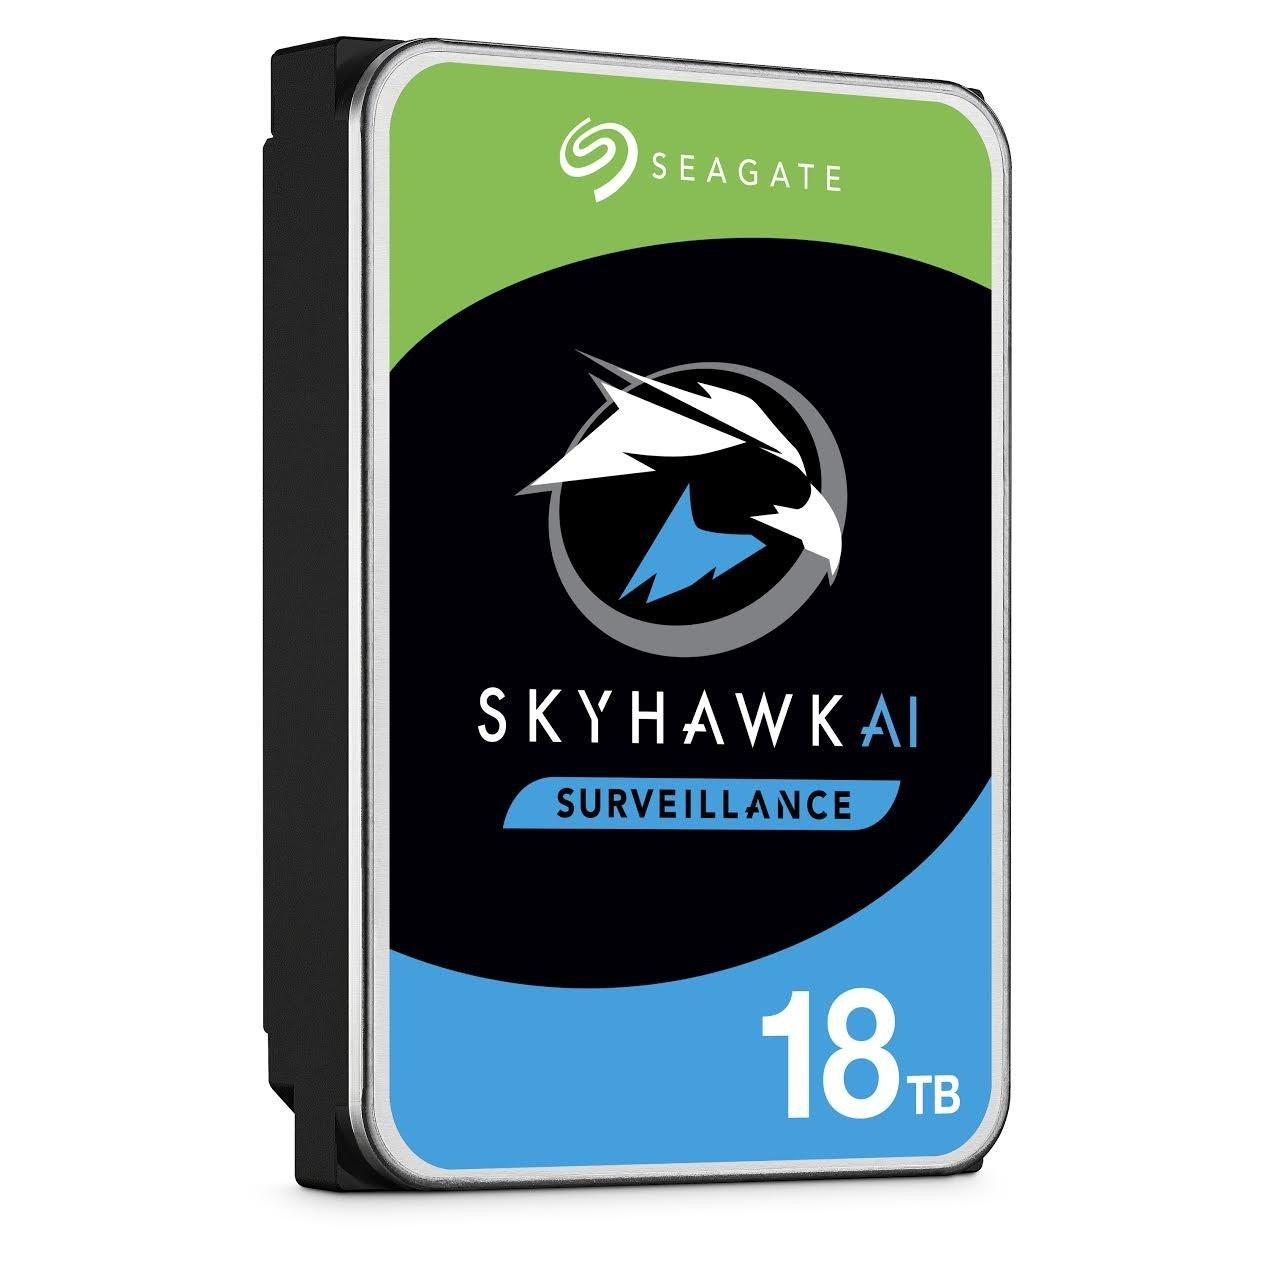 照片中提到了SEAGATE、SKYHAWKAI、SURVEILLANCE,跟希捷科技有關,包含了希捷天鷹1TB、希捷天鷹監控硬盤3.5英寸、硬盤驅動器、2 TB